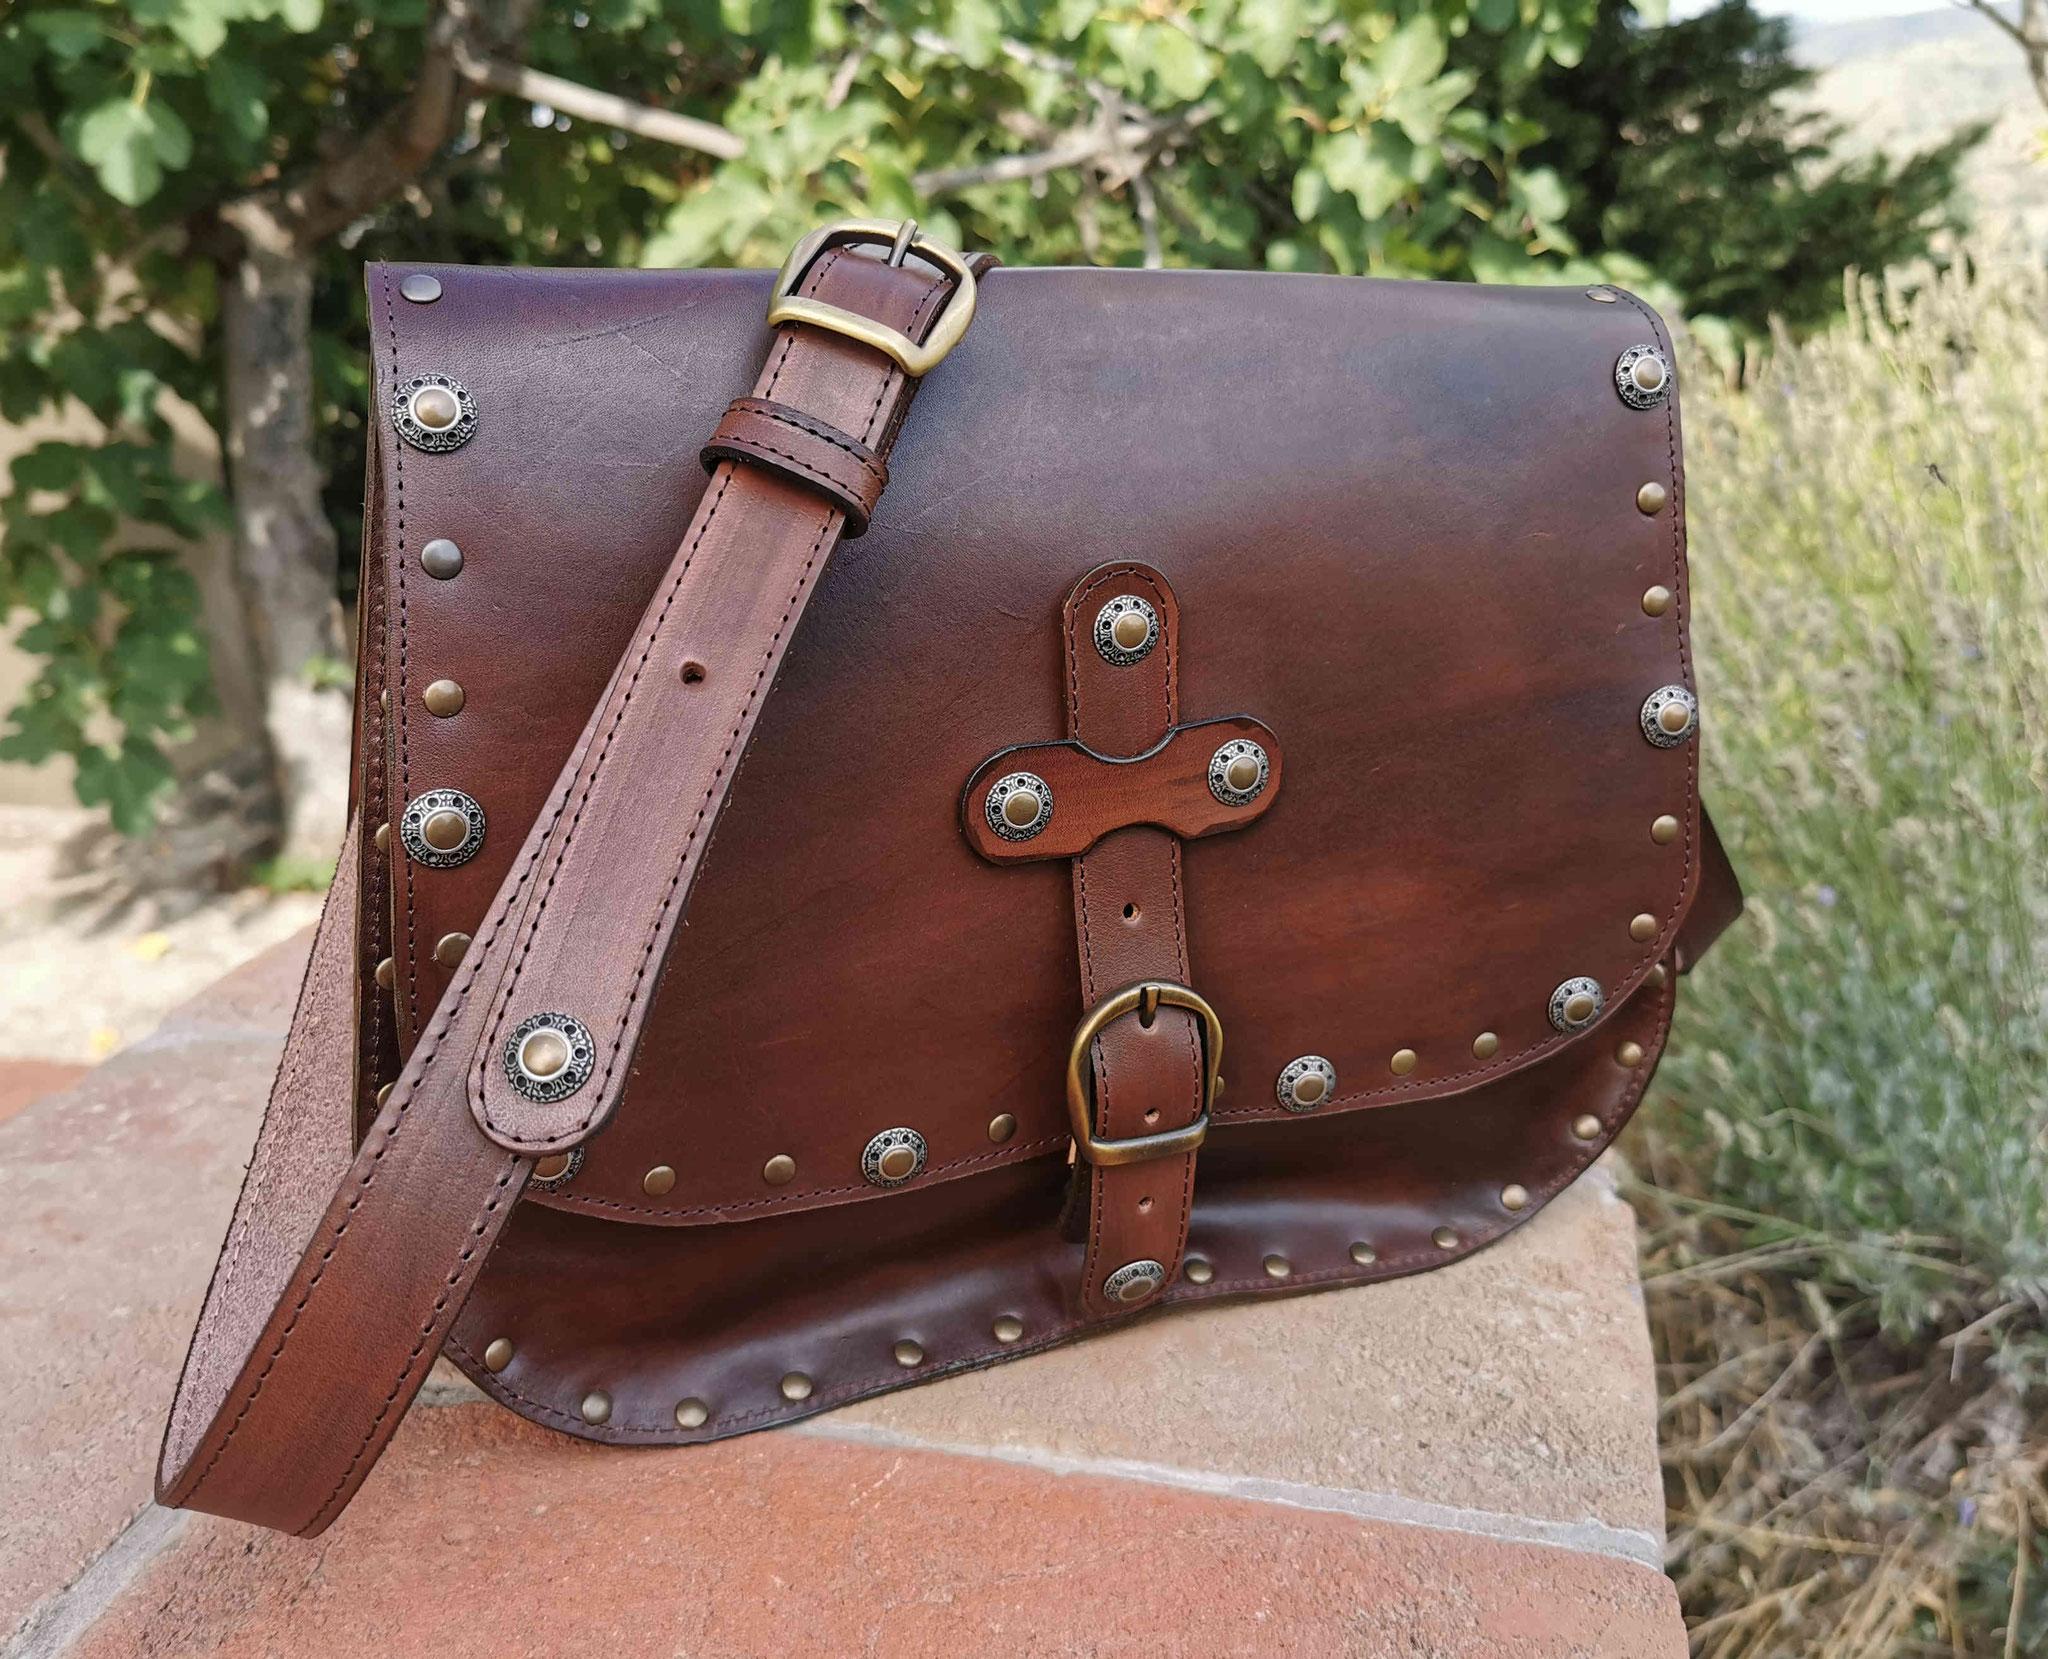 borsa borchiata marrone